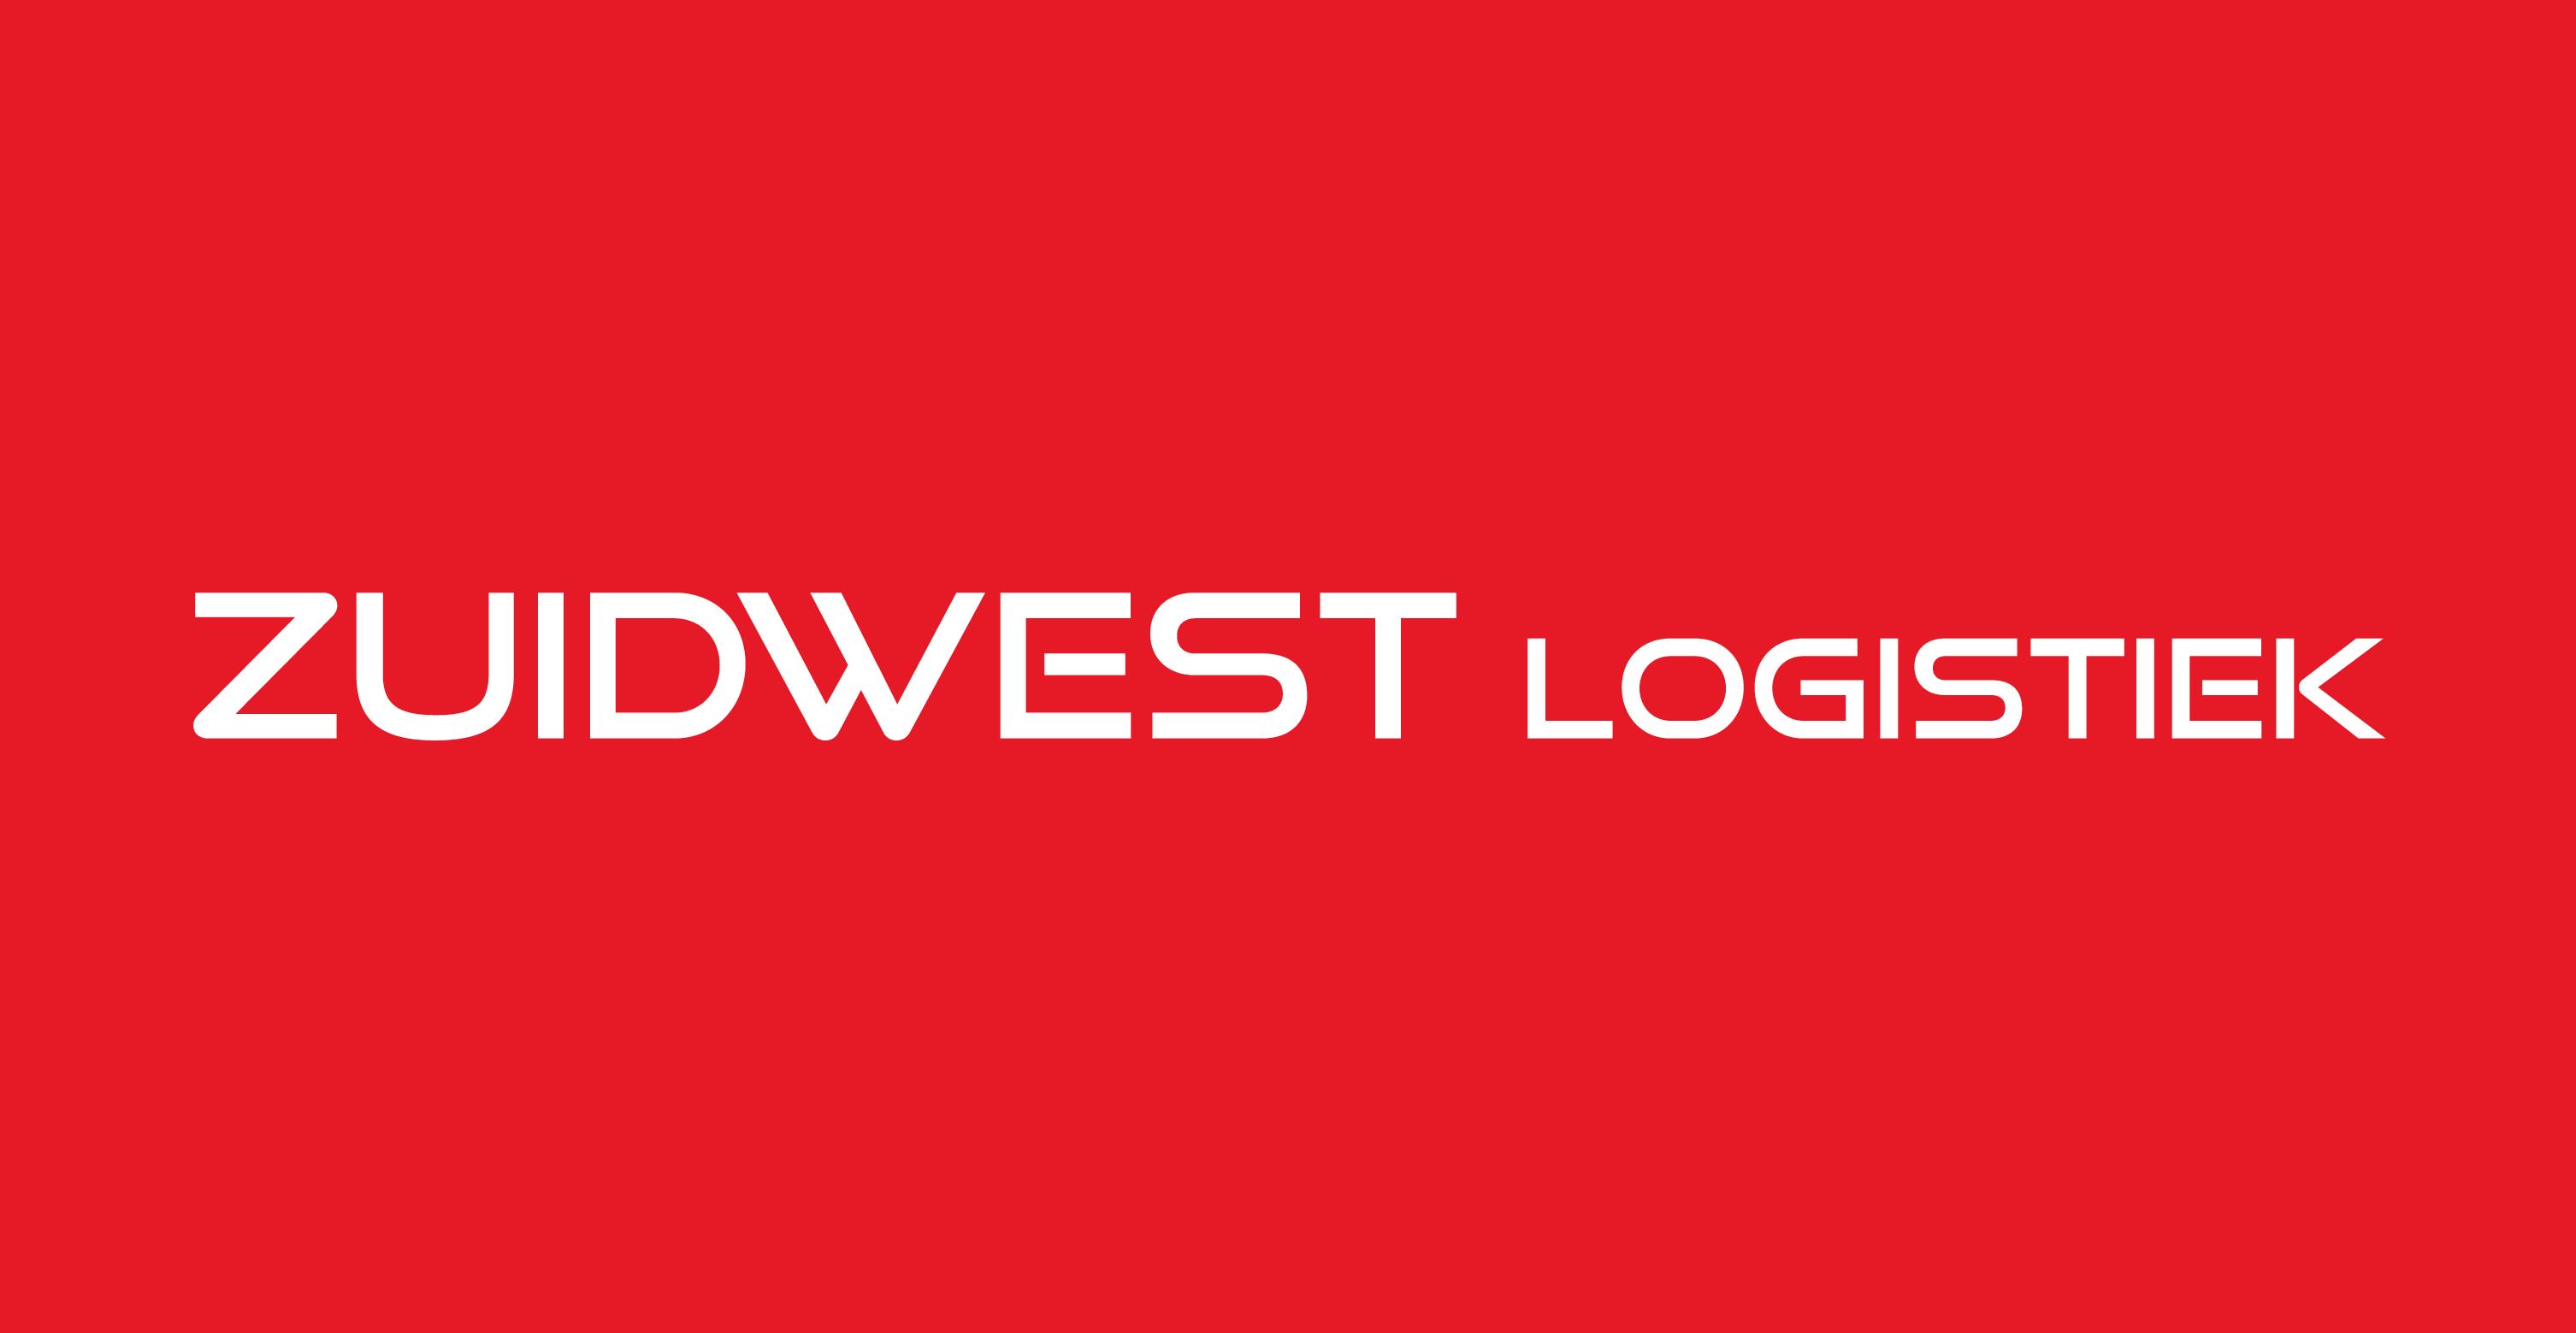 Logo ZUIDWEST Logistiek